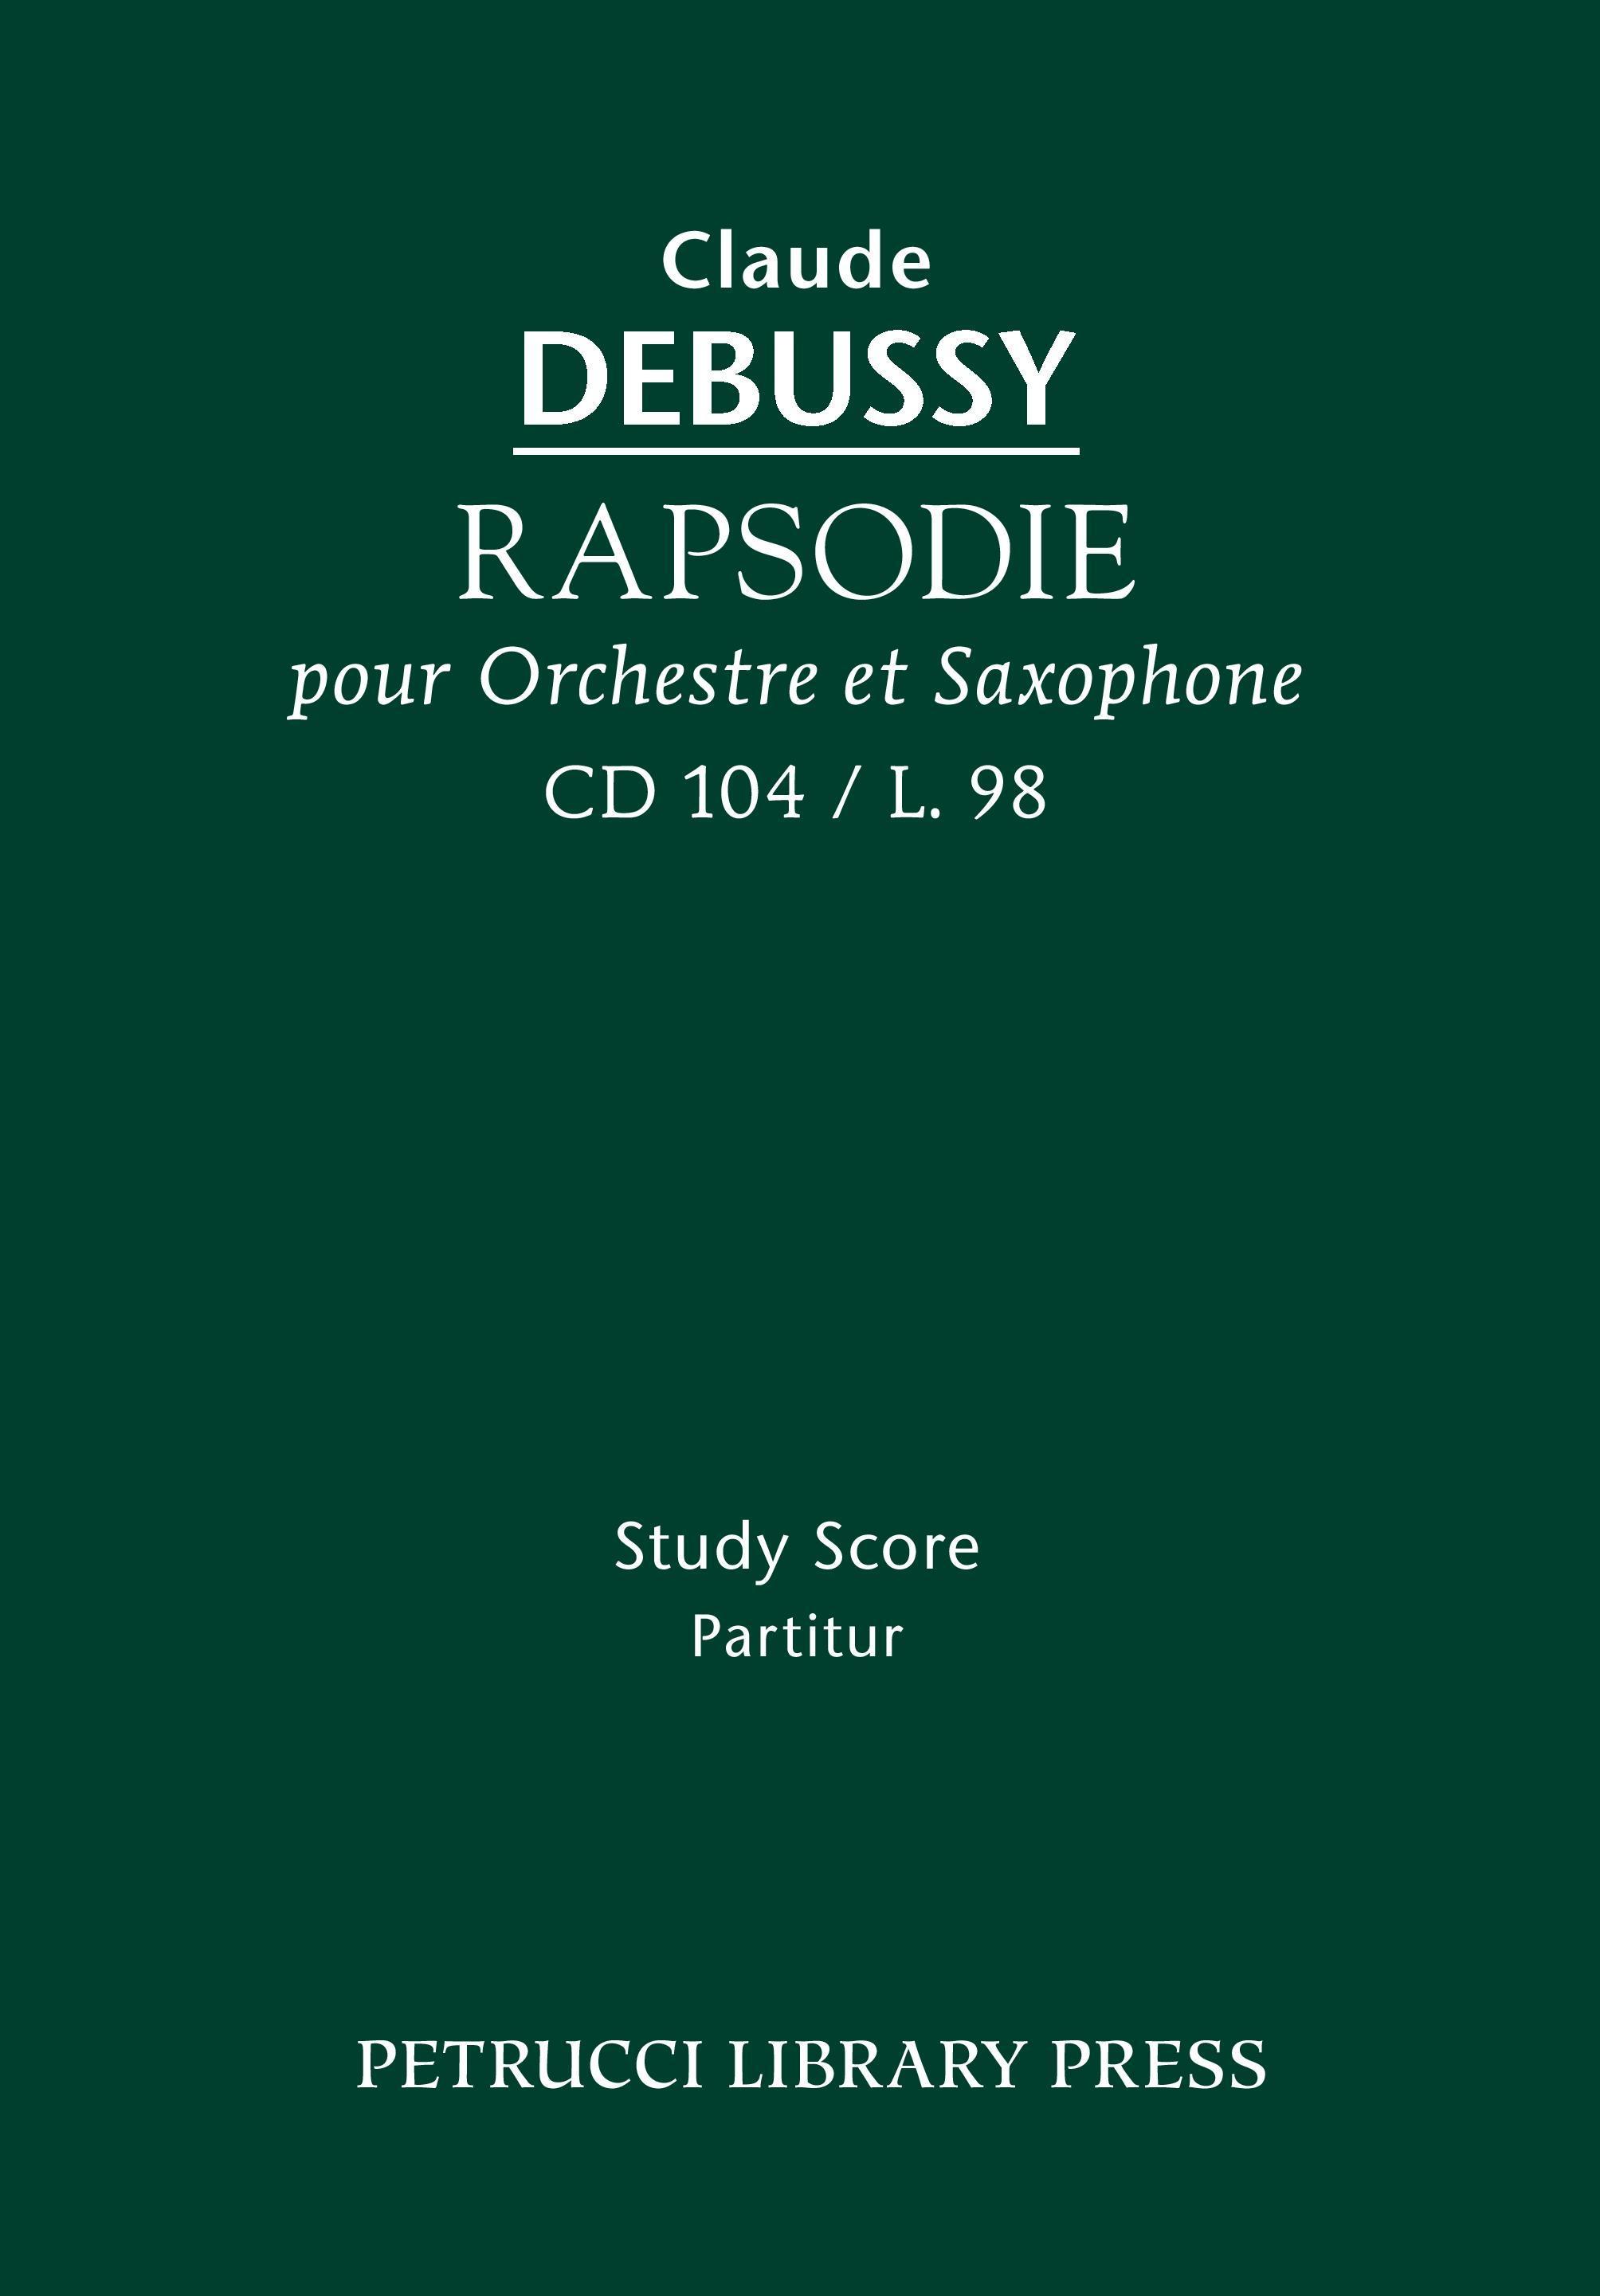 Rapsodie Pour Orchestre Et Saxophone, CD 104 - Study Score - Debussy, Claude